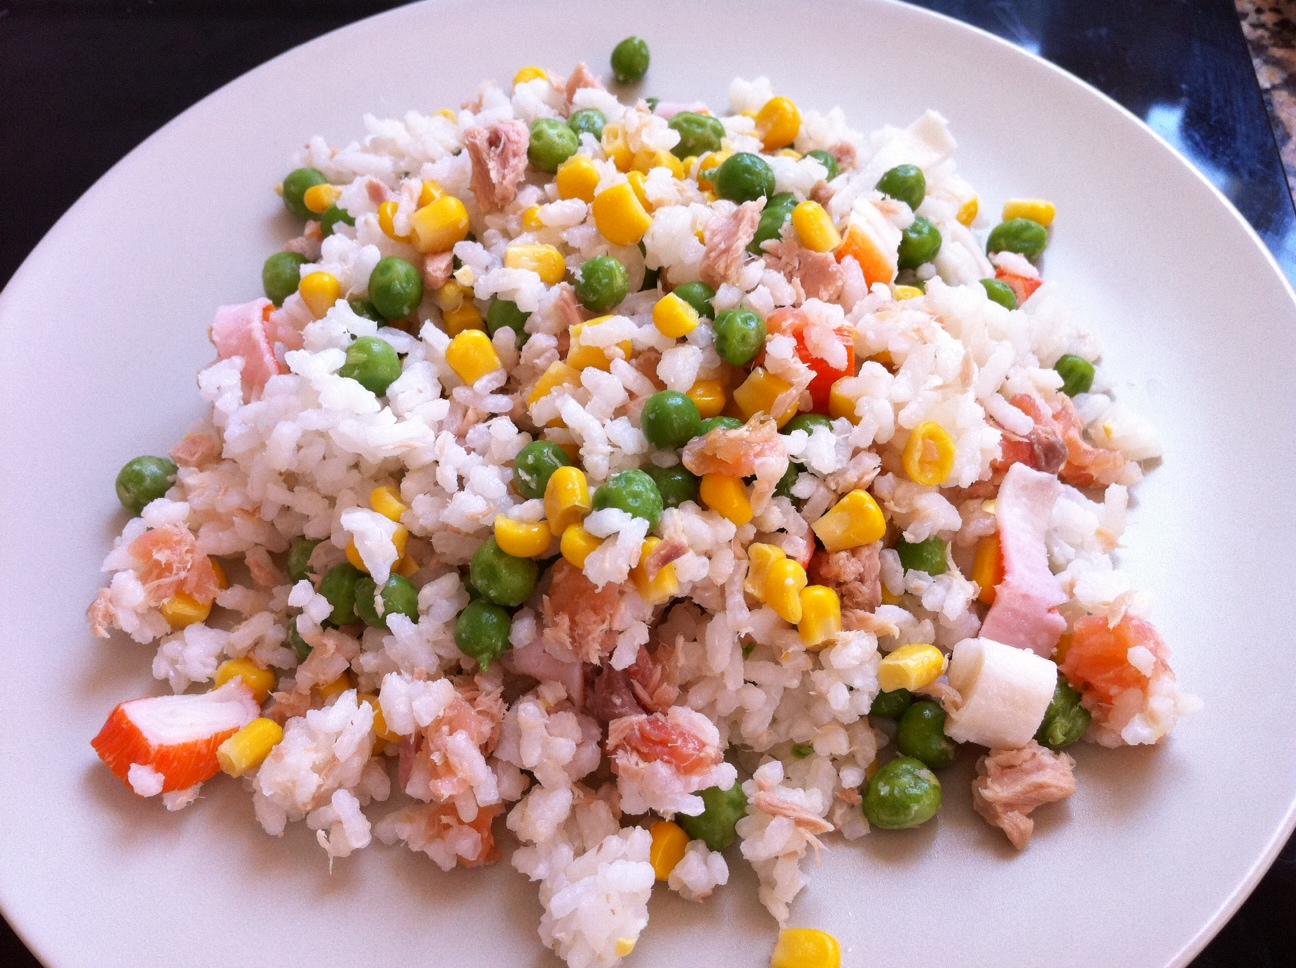 Ensalada de arroz y ma z - Ensalada de arroz light ...